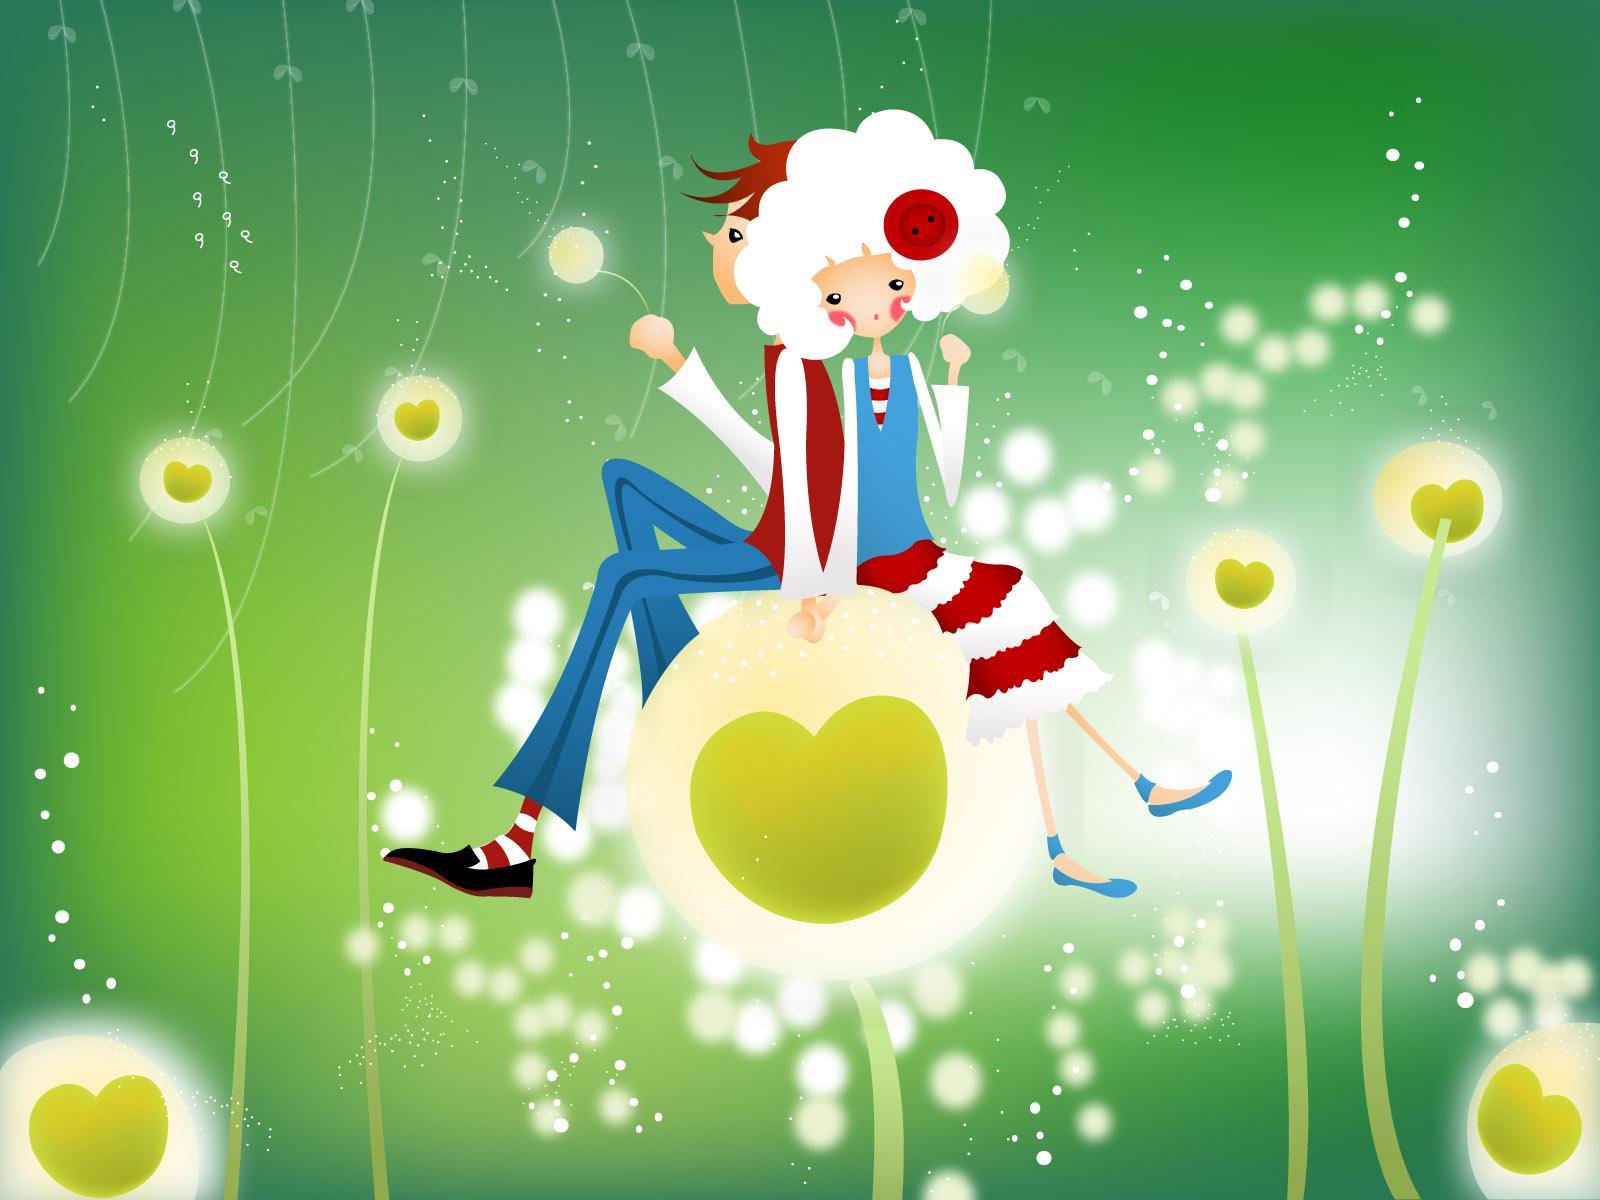 49 Free Spring Wallpaper For Kids On Wallpapersafari